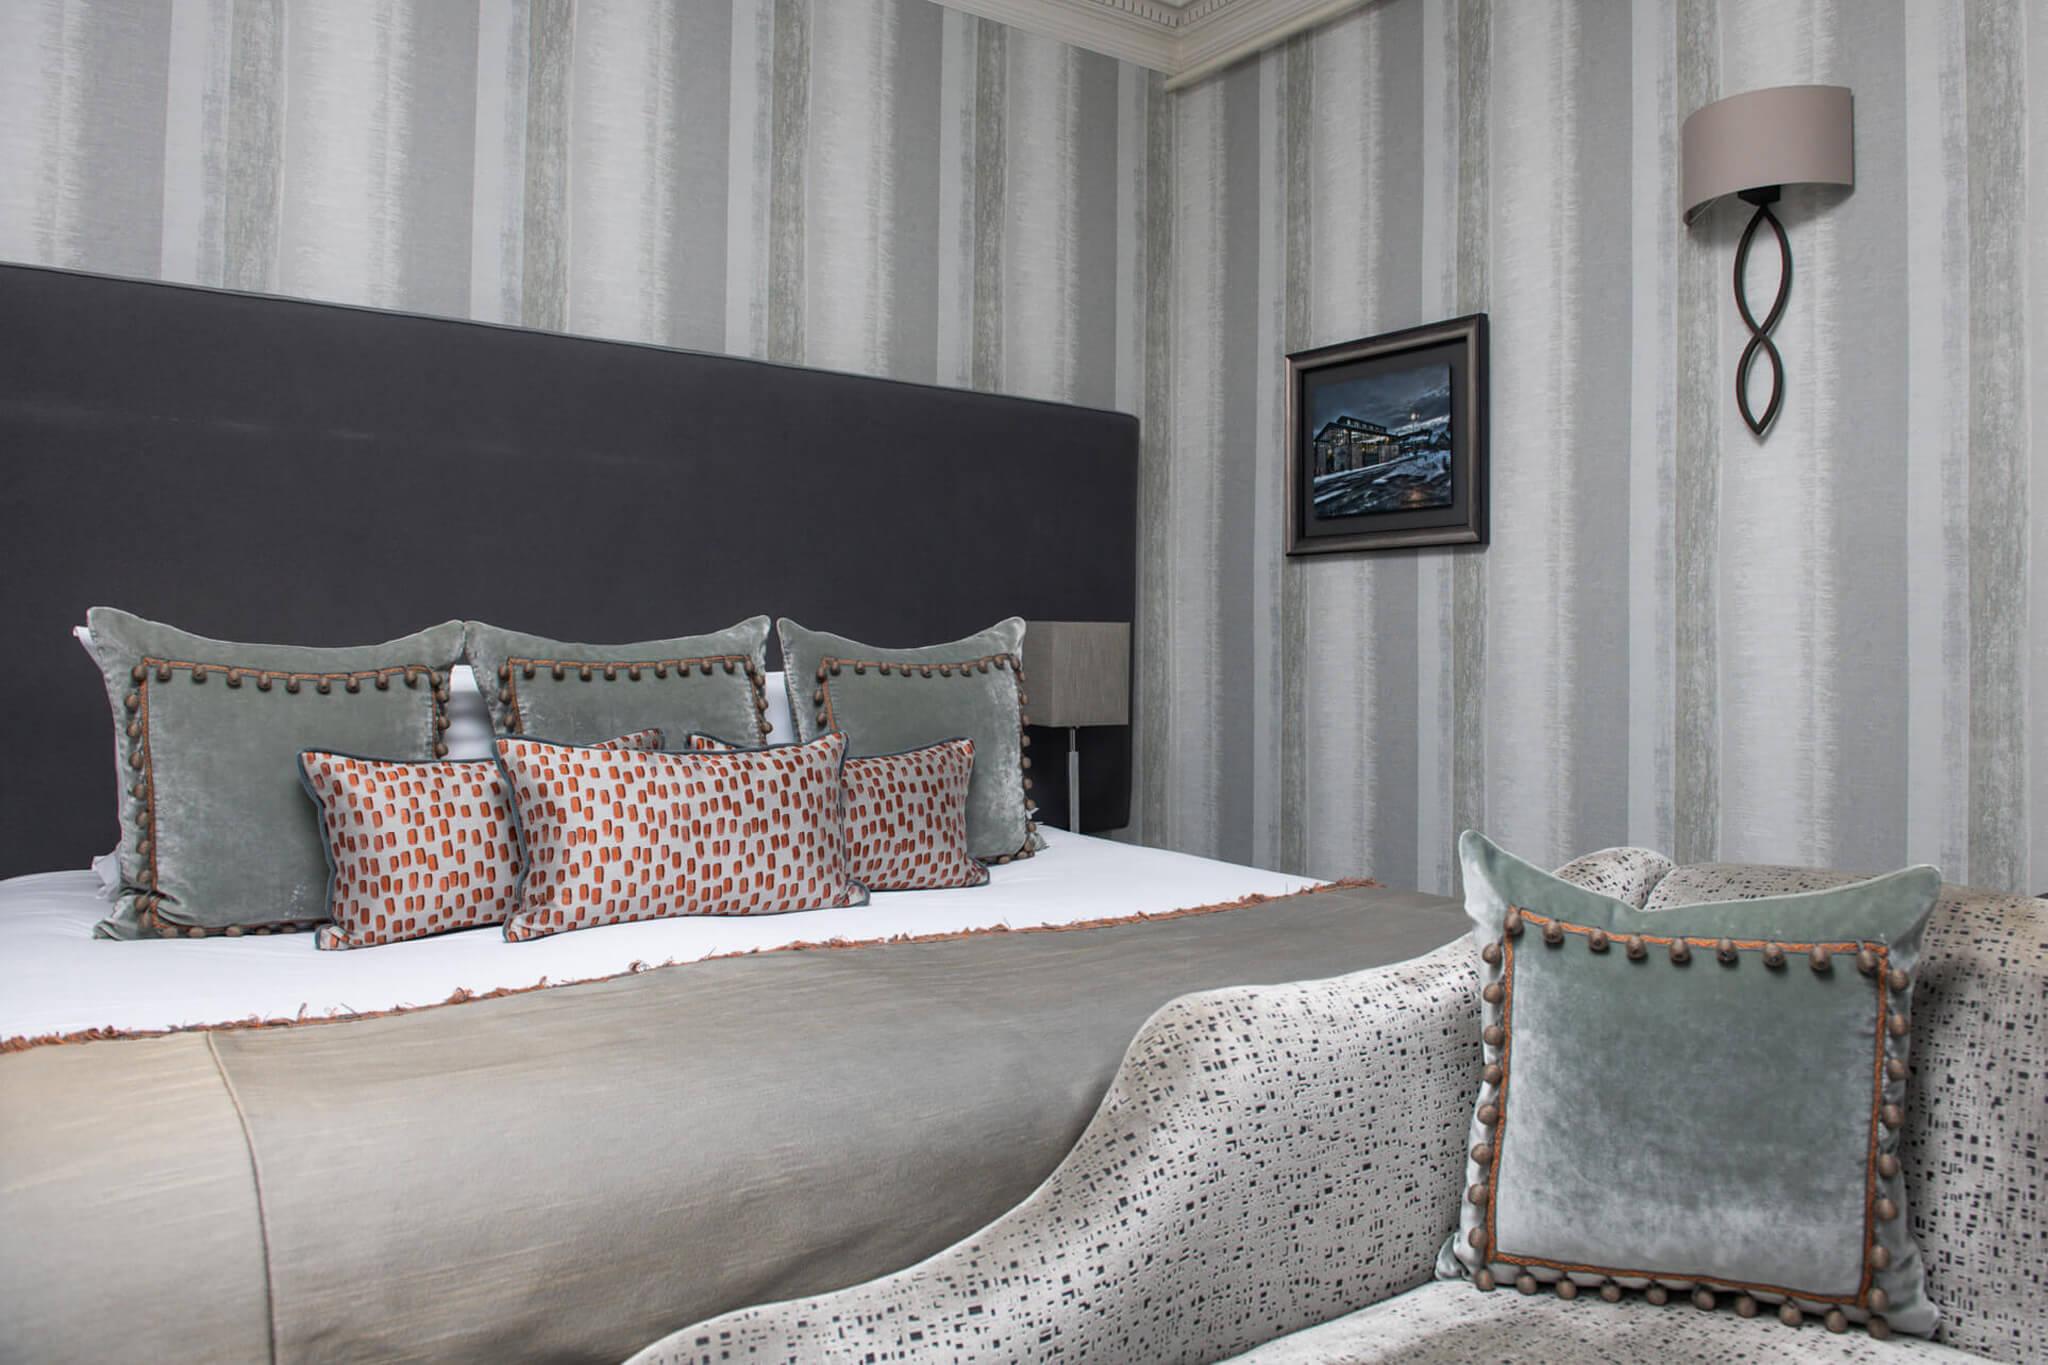 dowans_hotel-ryanjohnstonco-61-1